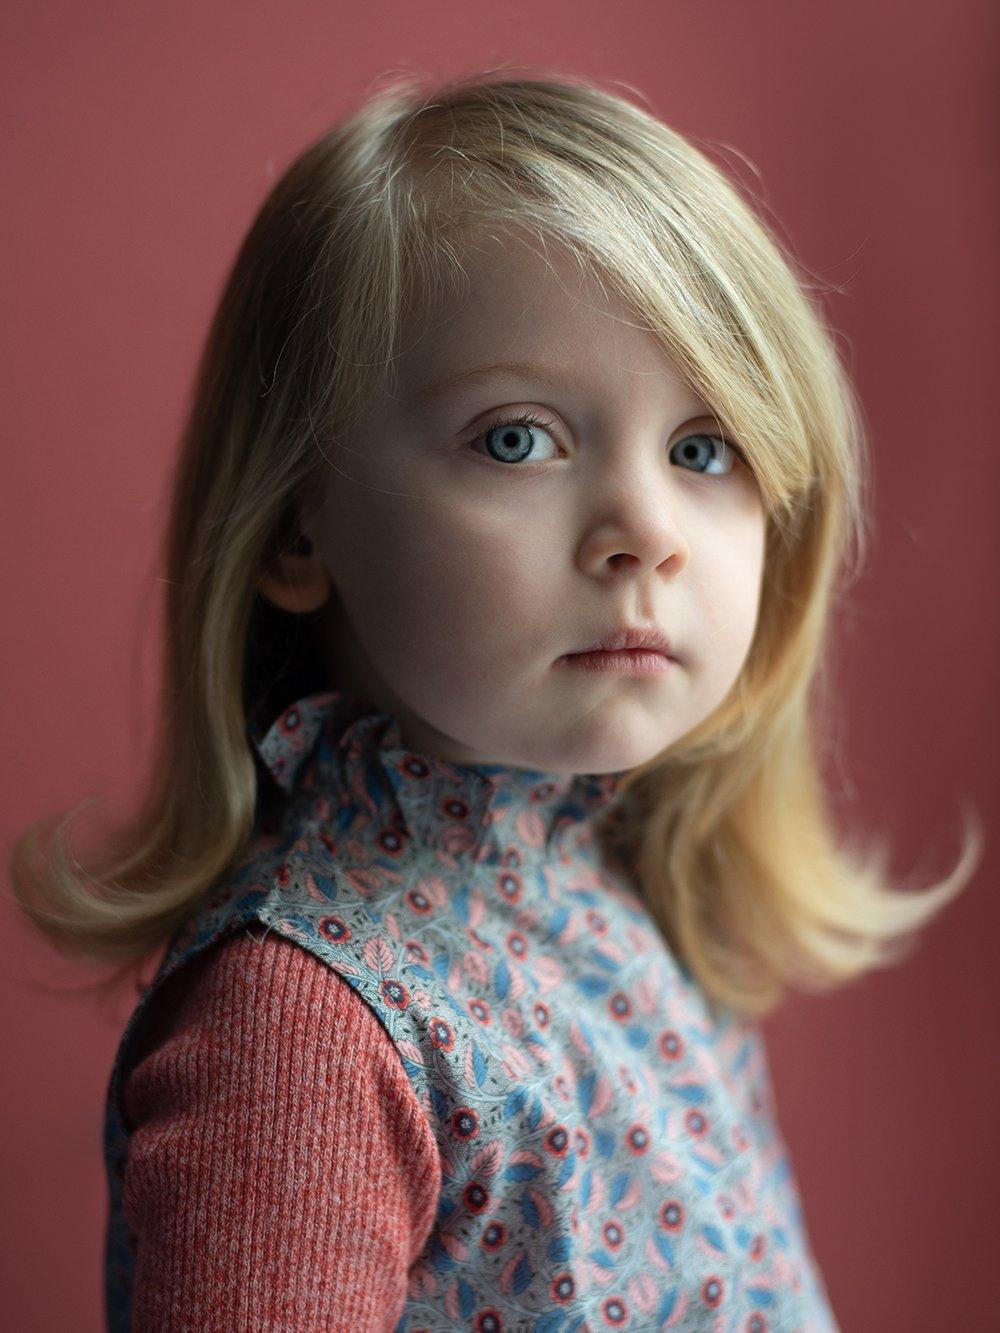 fine-art-child-portrait.jpg